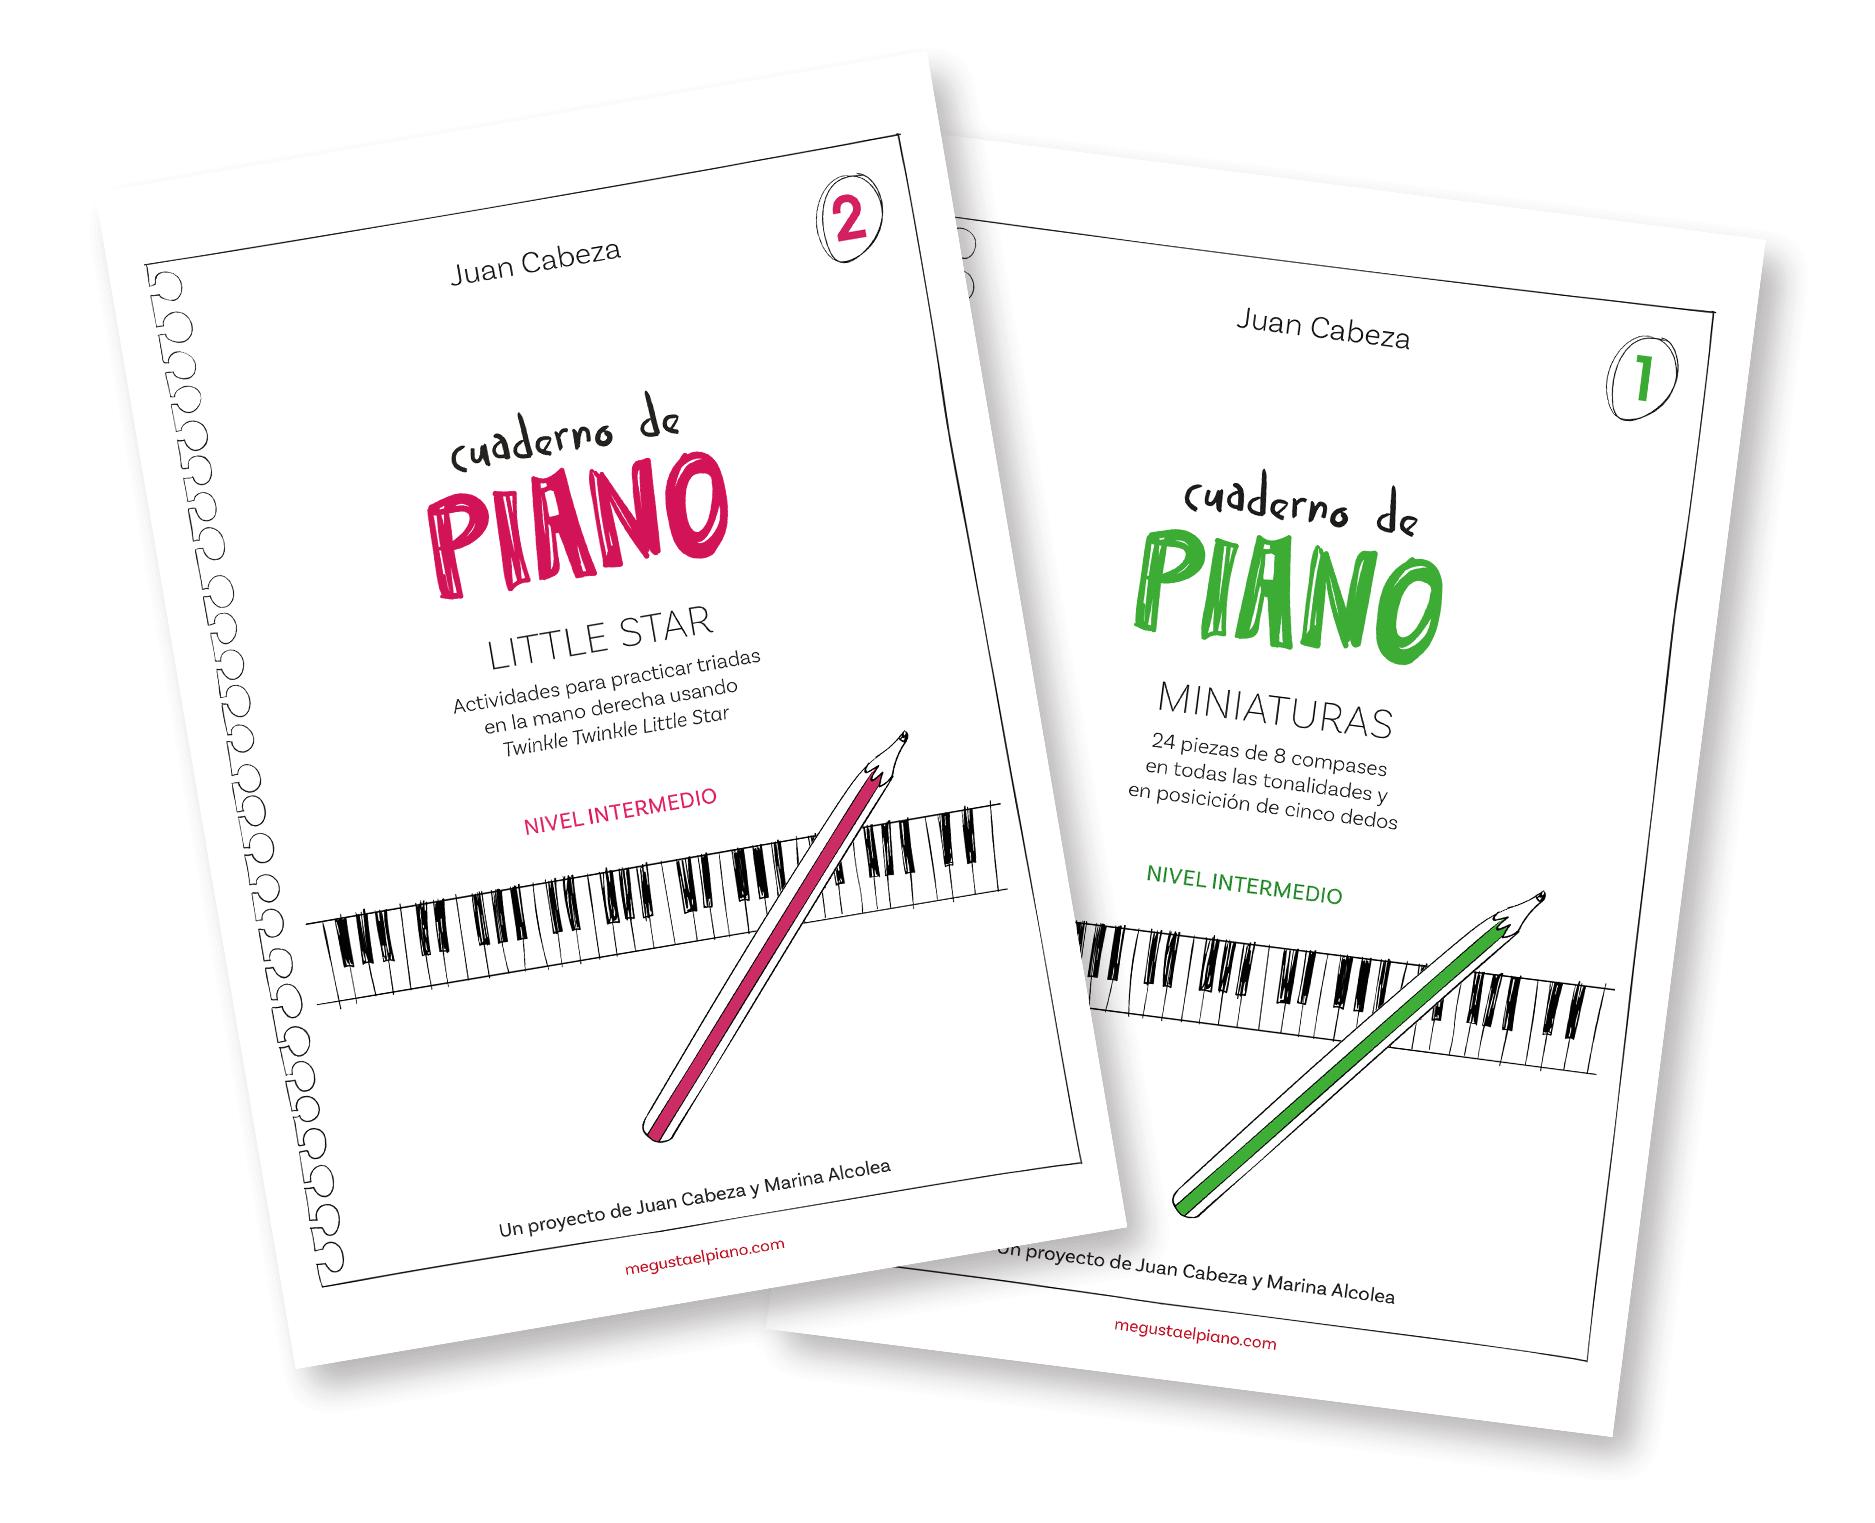 Cuaderno de piano - Juan Cabeza